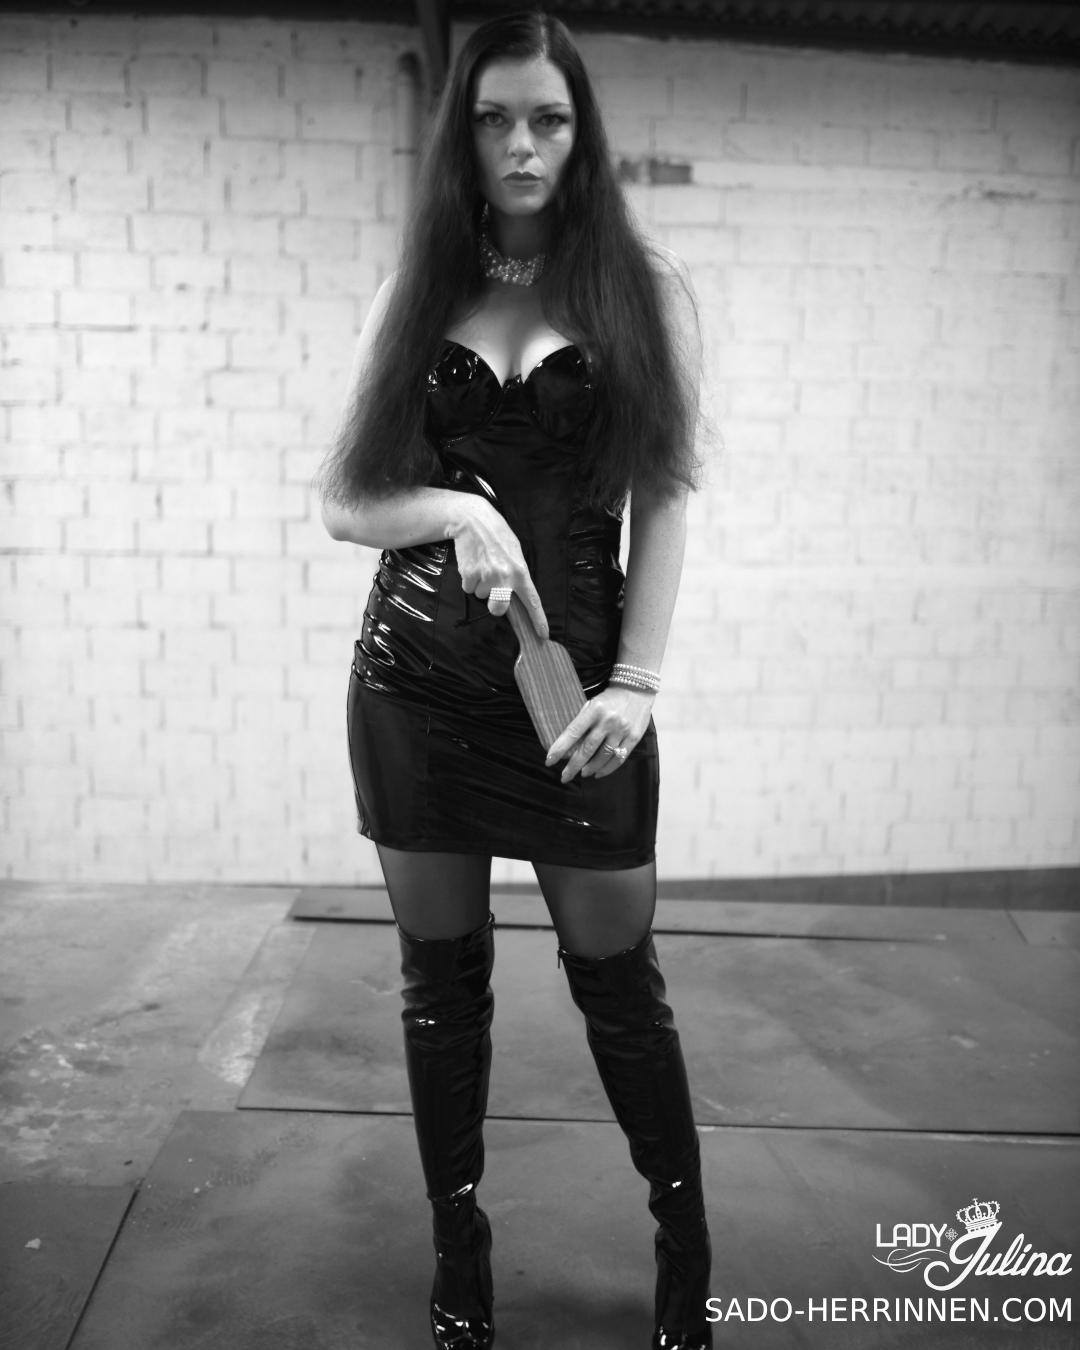 TW Pornstars - Domina Lady Julina. Twitter. Nur mit klaren